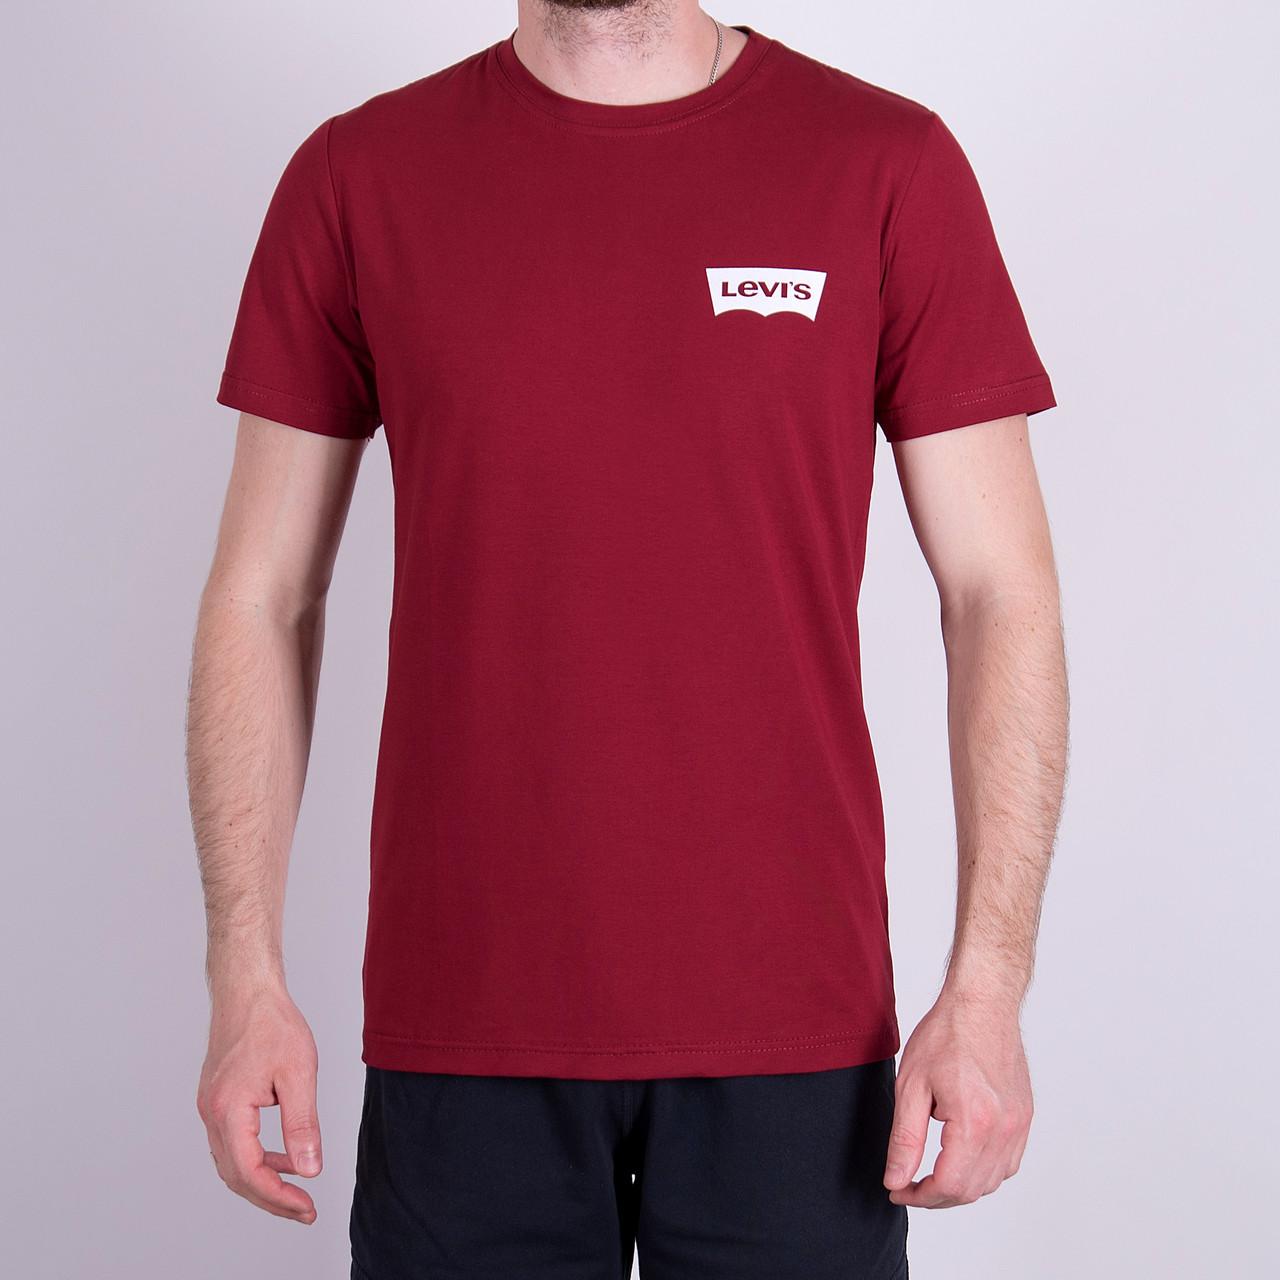 Чоловіча футболка Levi's, кольору бордо